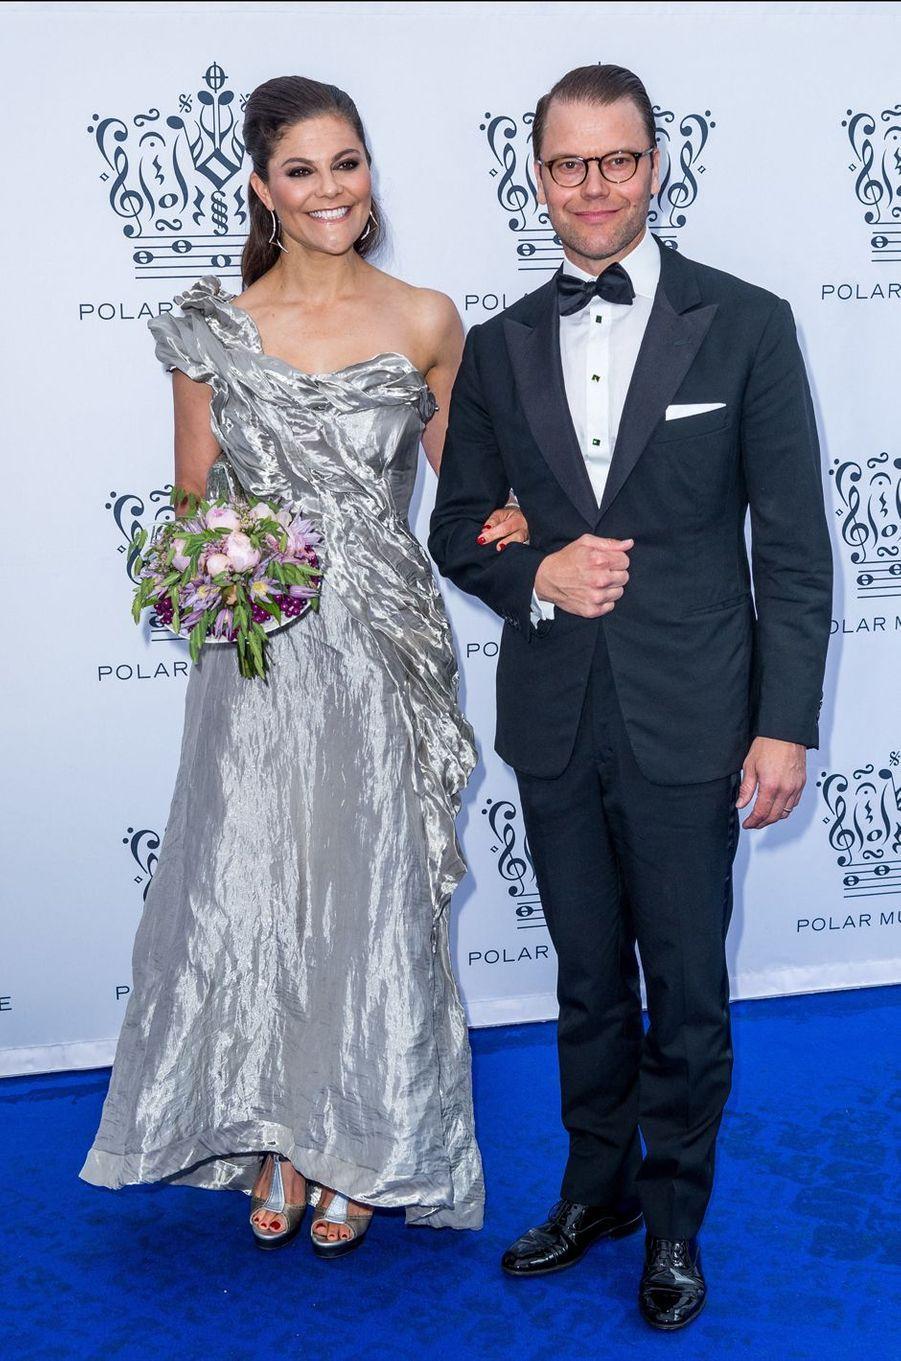 La princesse Victoria de Suède dans une robe Diana Orving au Polar Music Prize, le 15 juin 2017